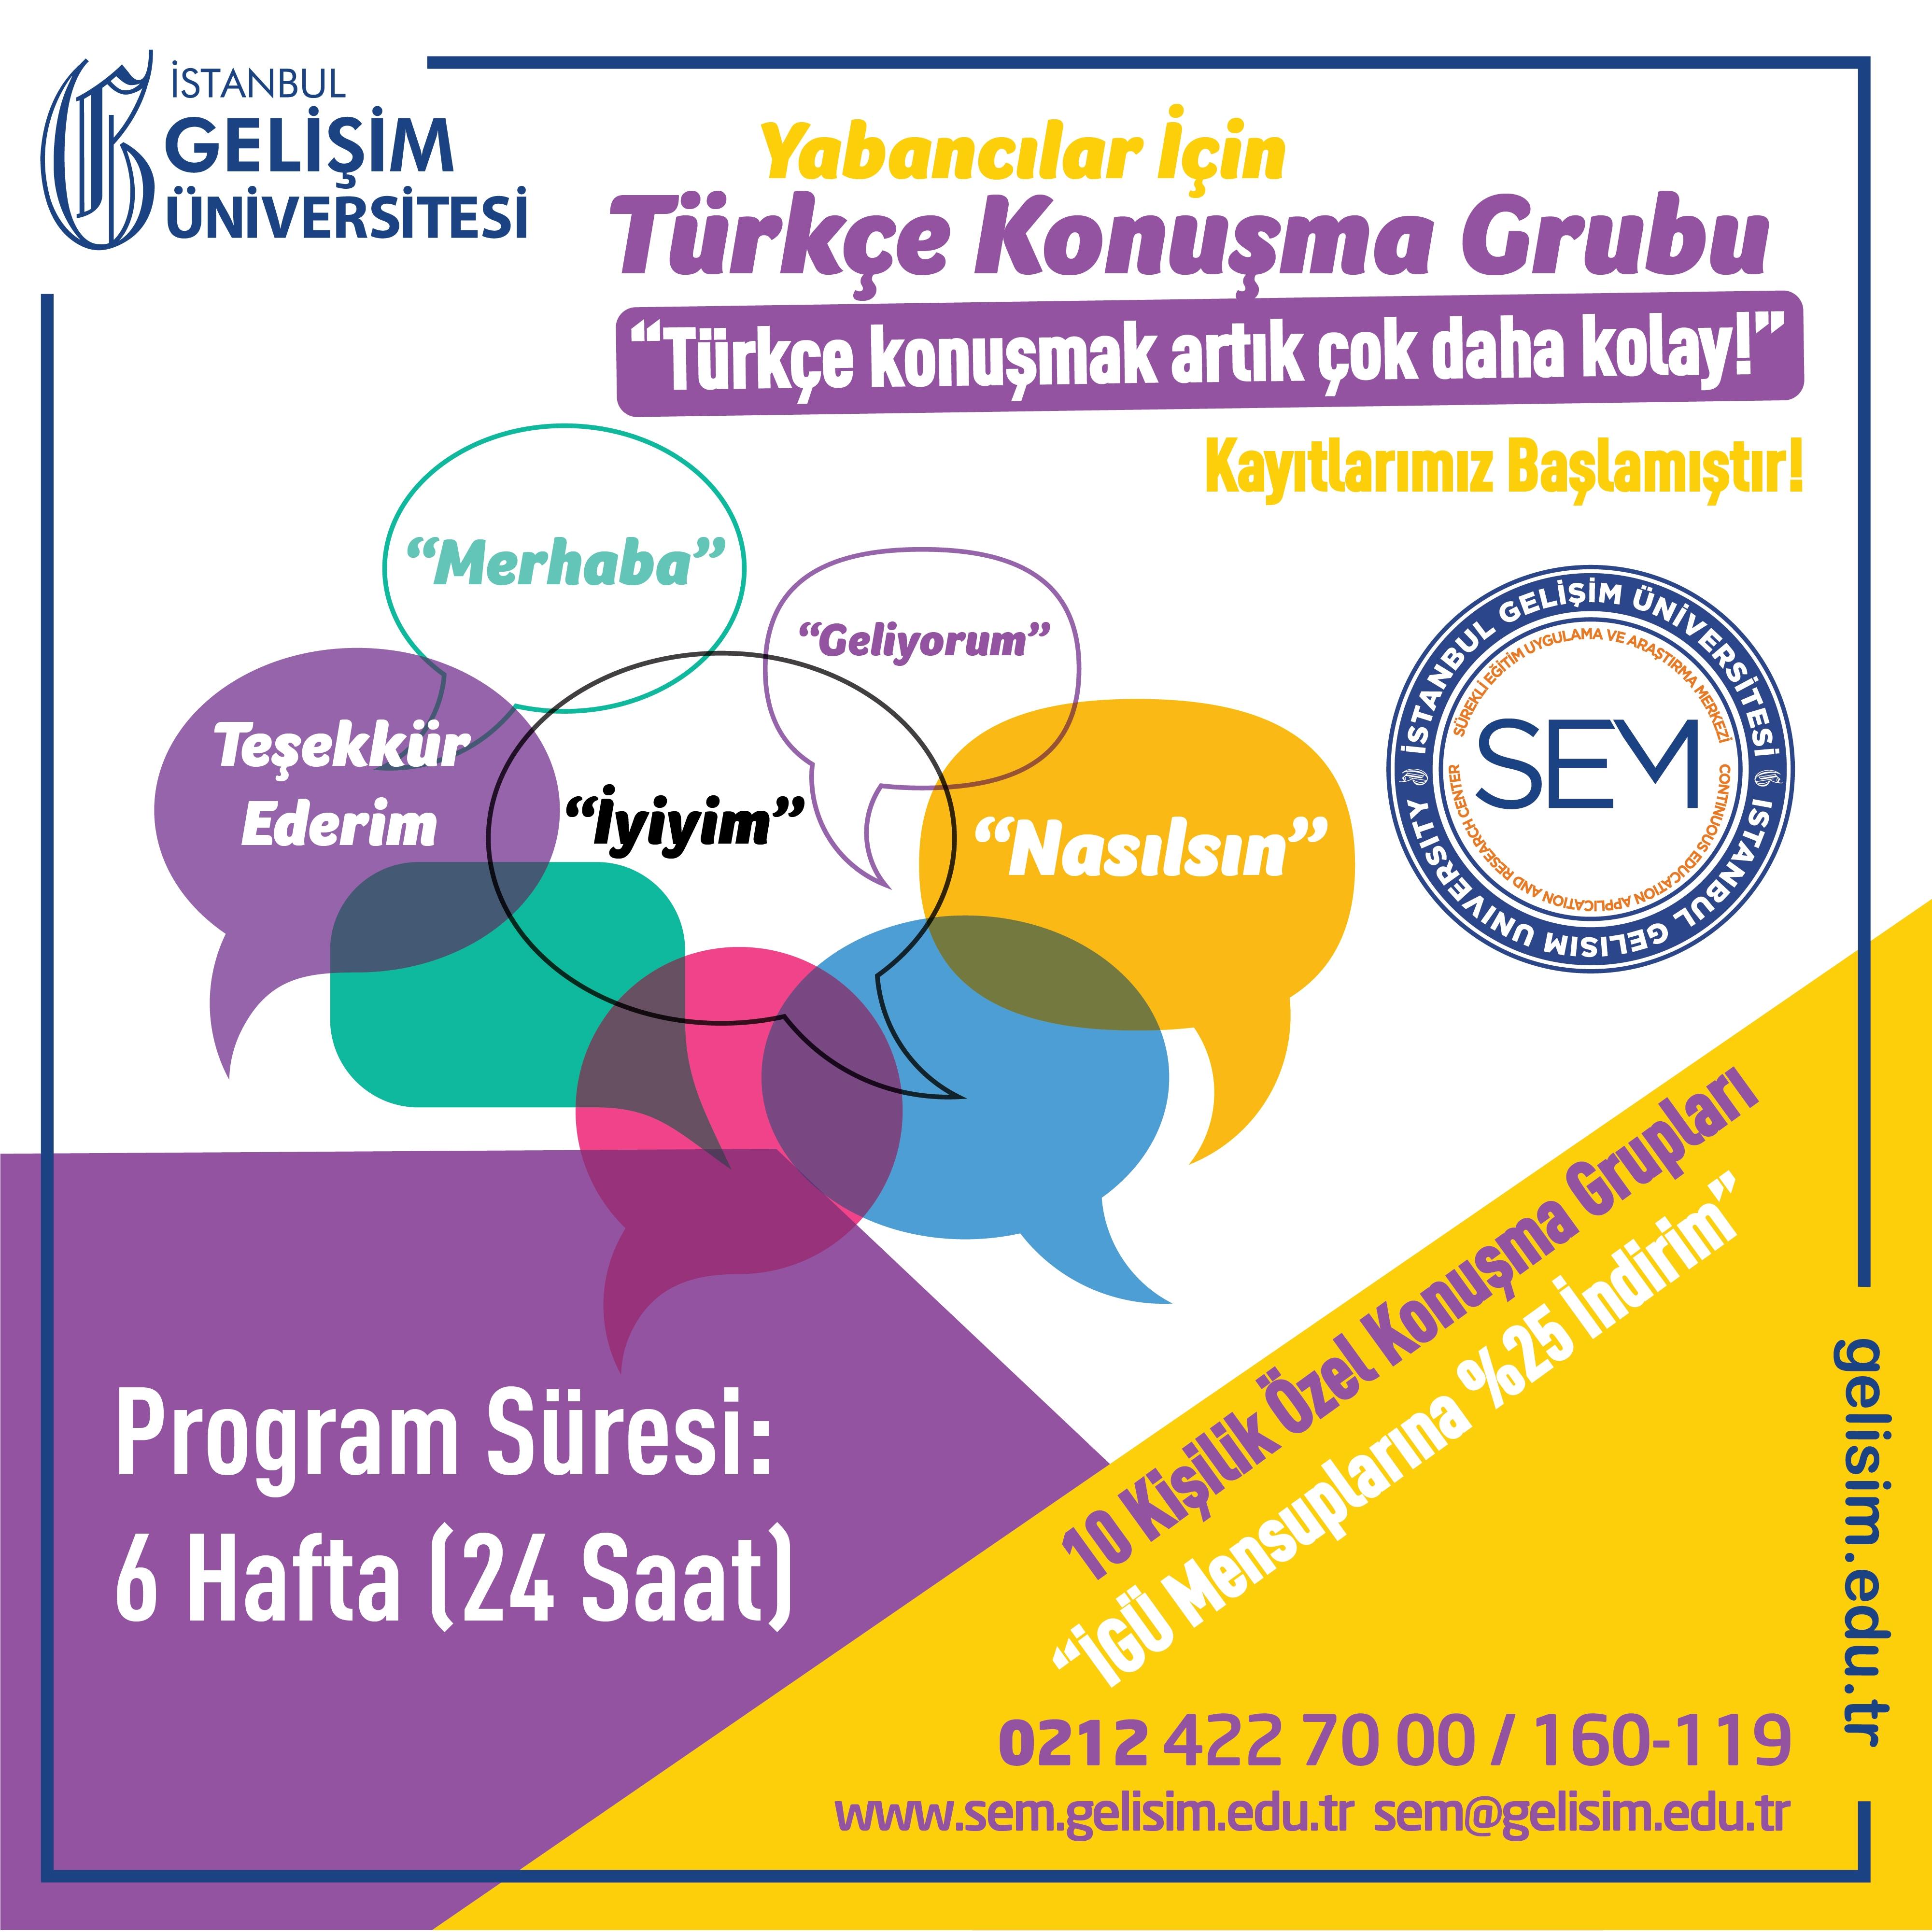 türkçe konuşma kulübü